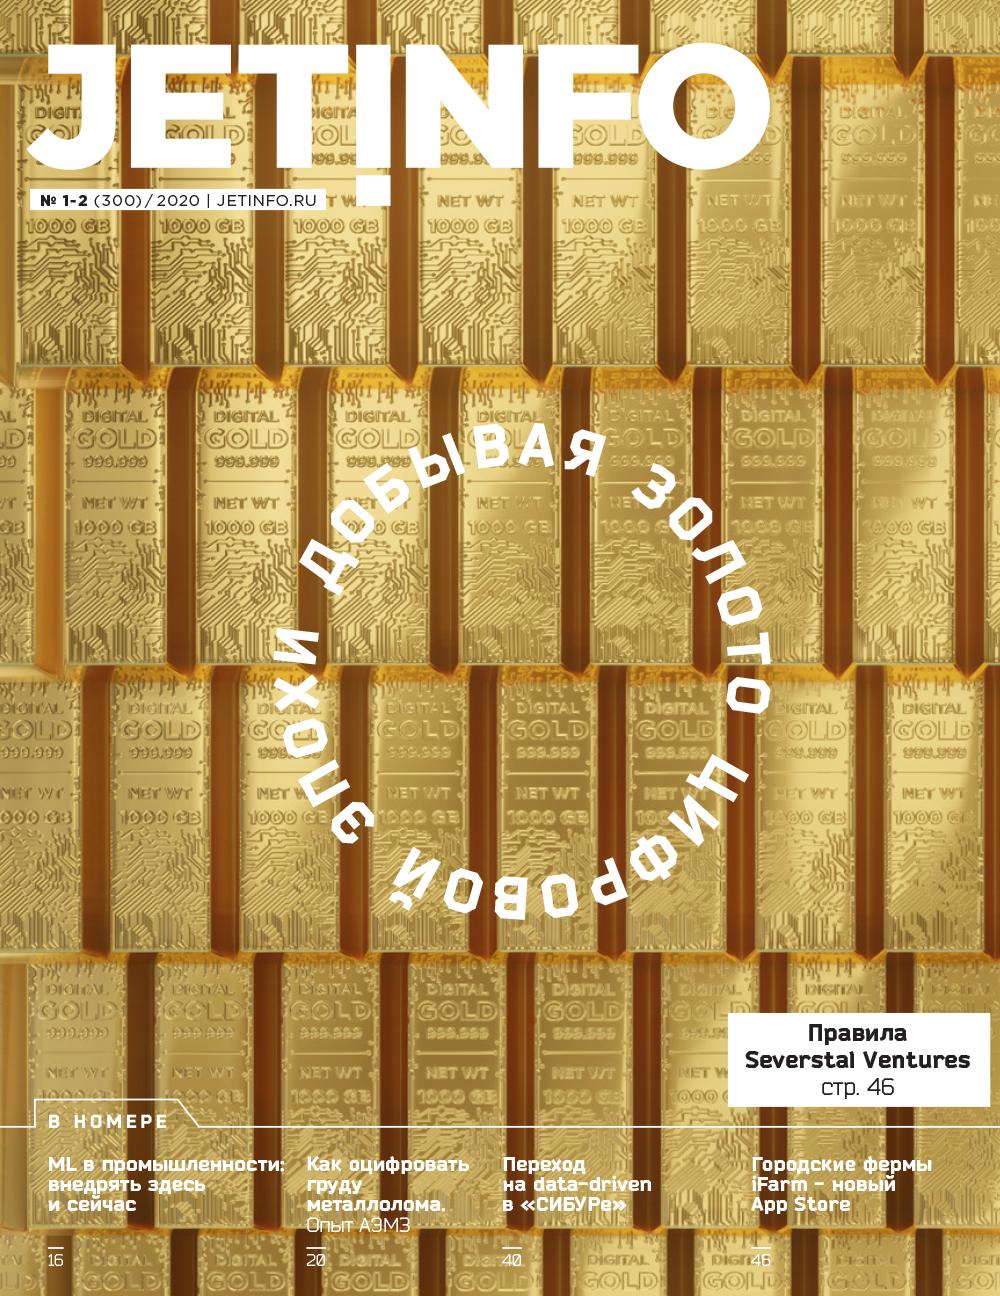 Добывая золото цифровой эпохи